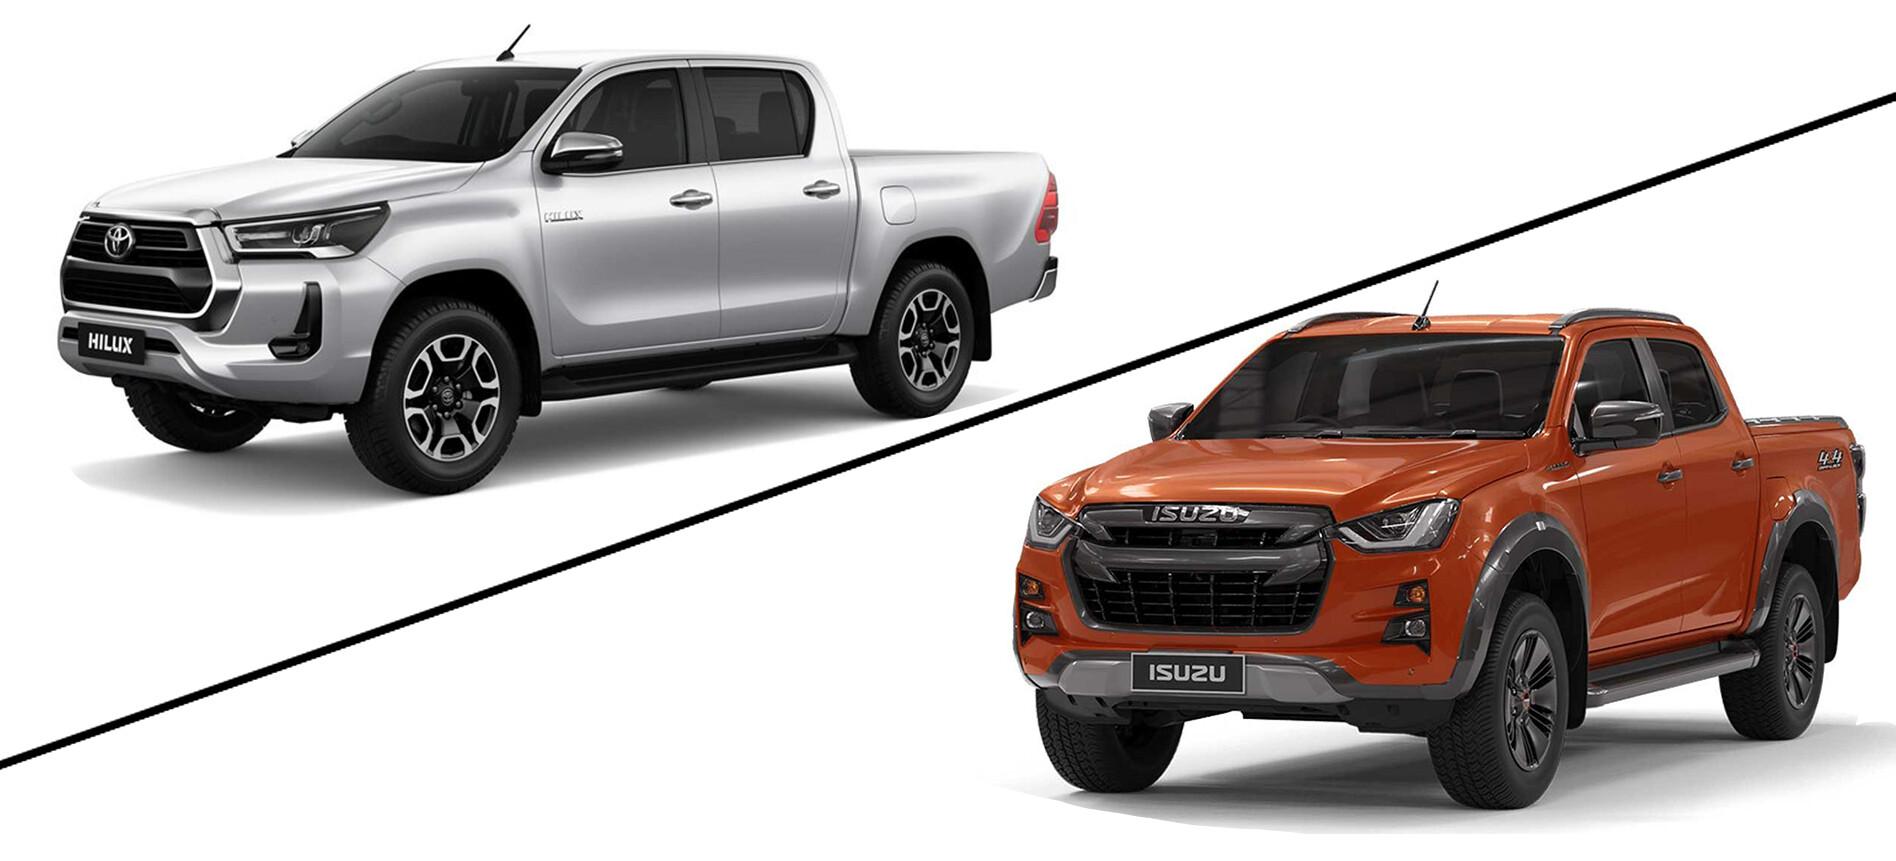 Toyota HiLux vs Isuzu D-MAX